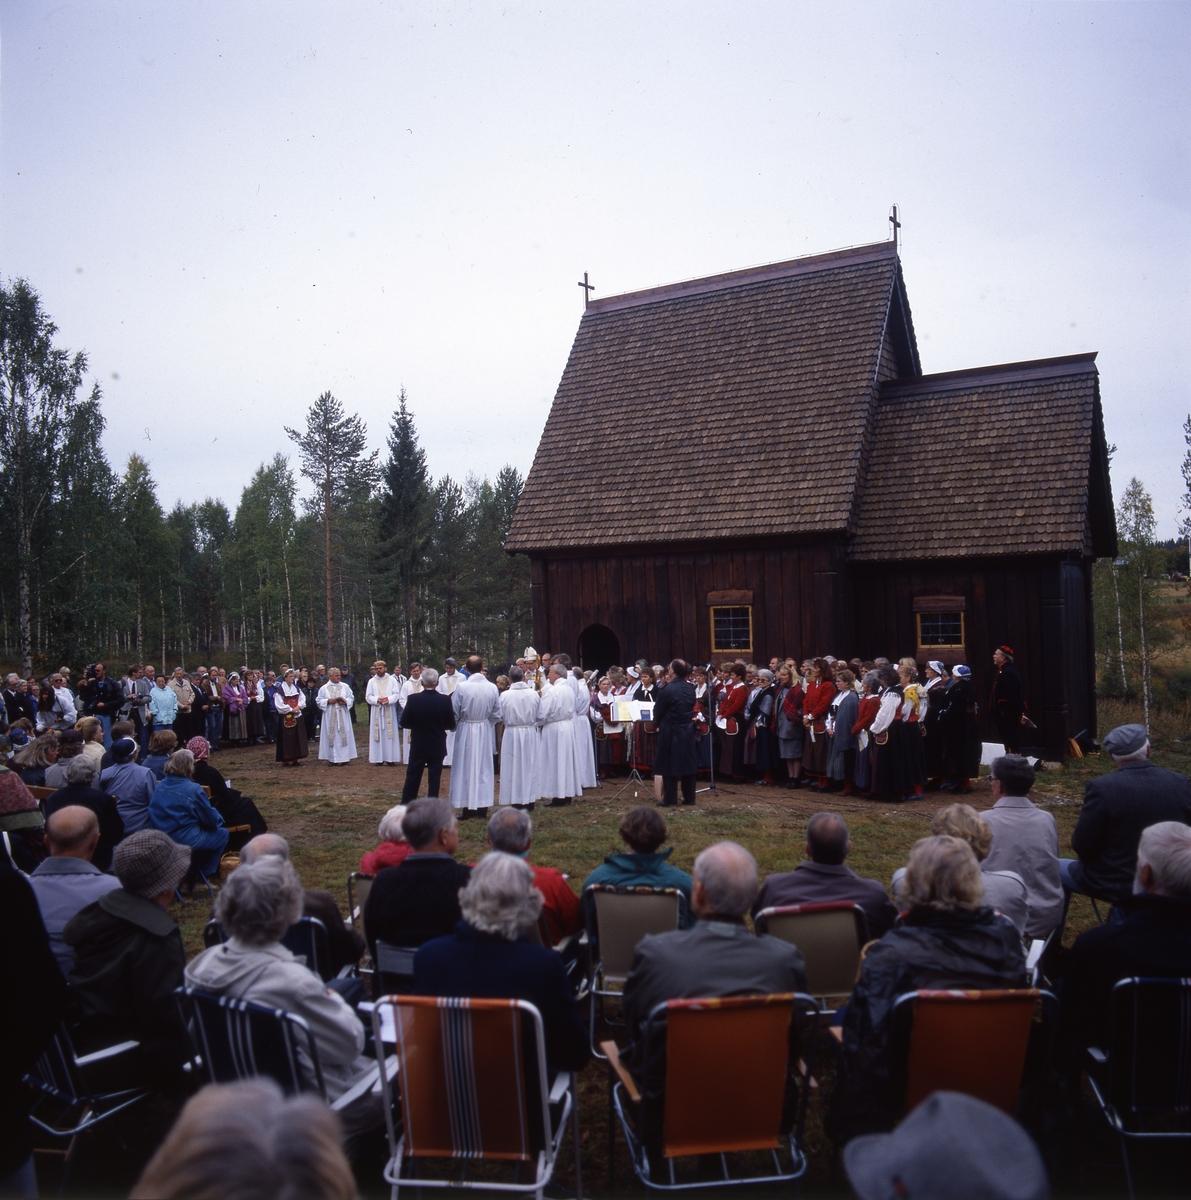 Invigning av St: Olofs Offerkyrka, stavkyrkan i Kårböle, 17 september 1989 av ärkebiskop Olof Sundby.